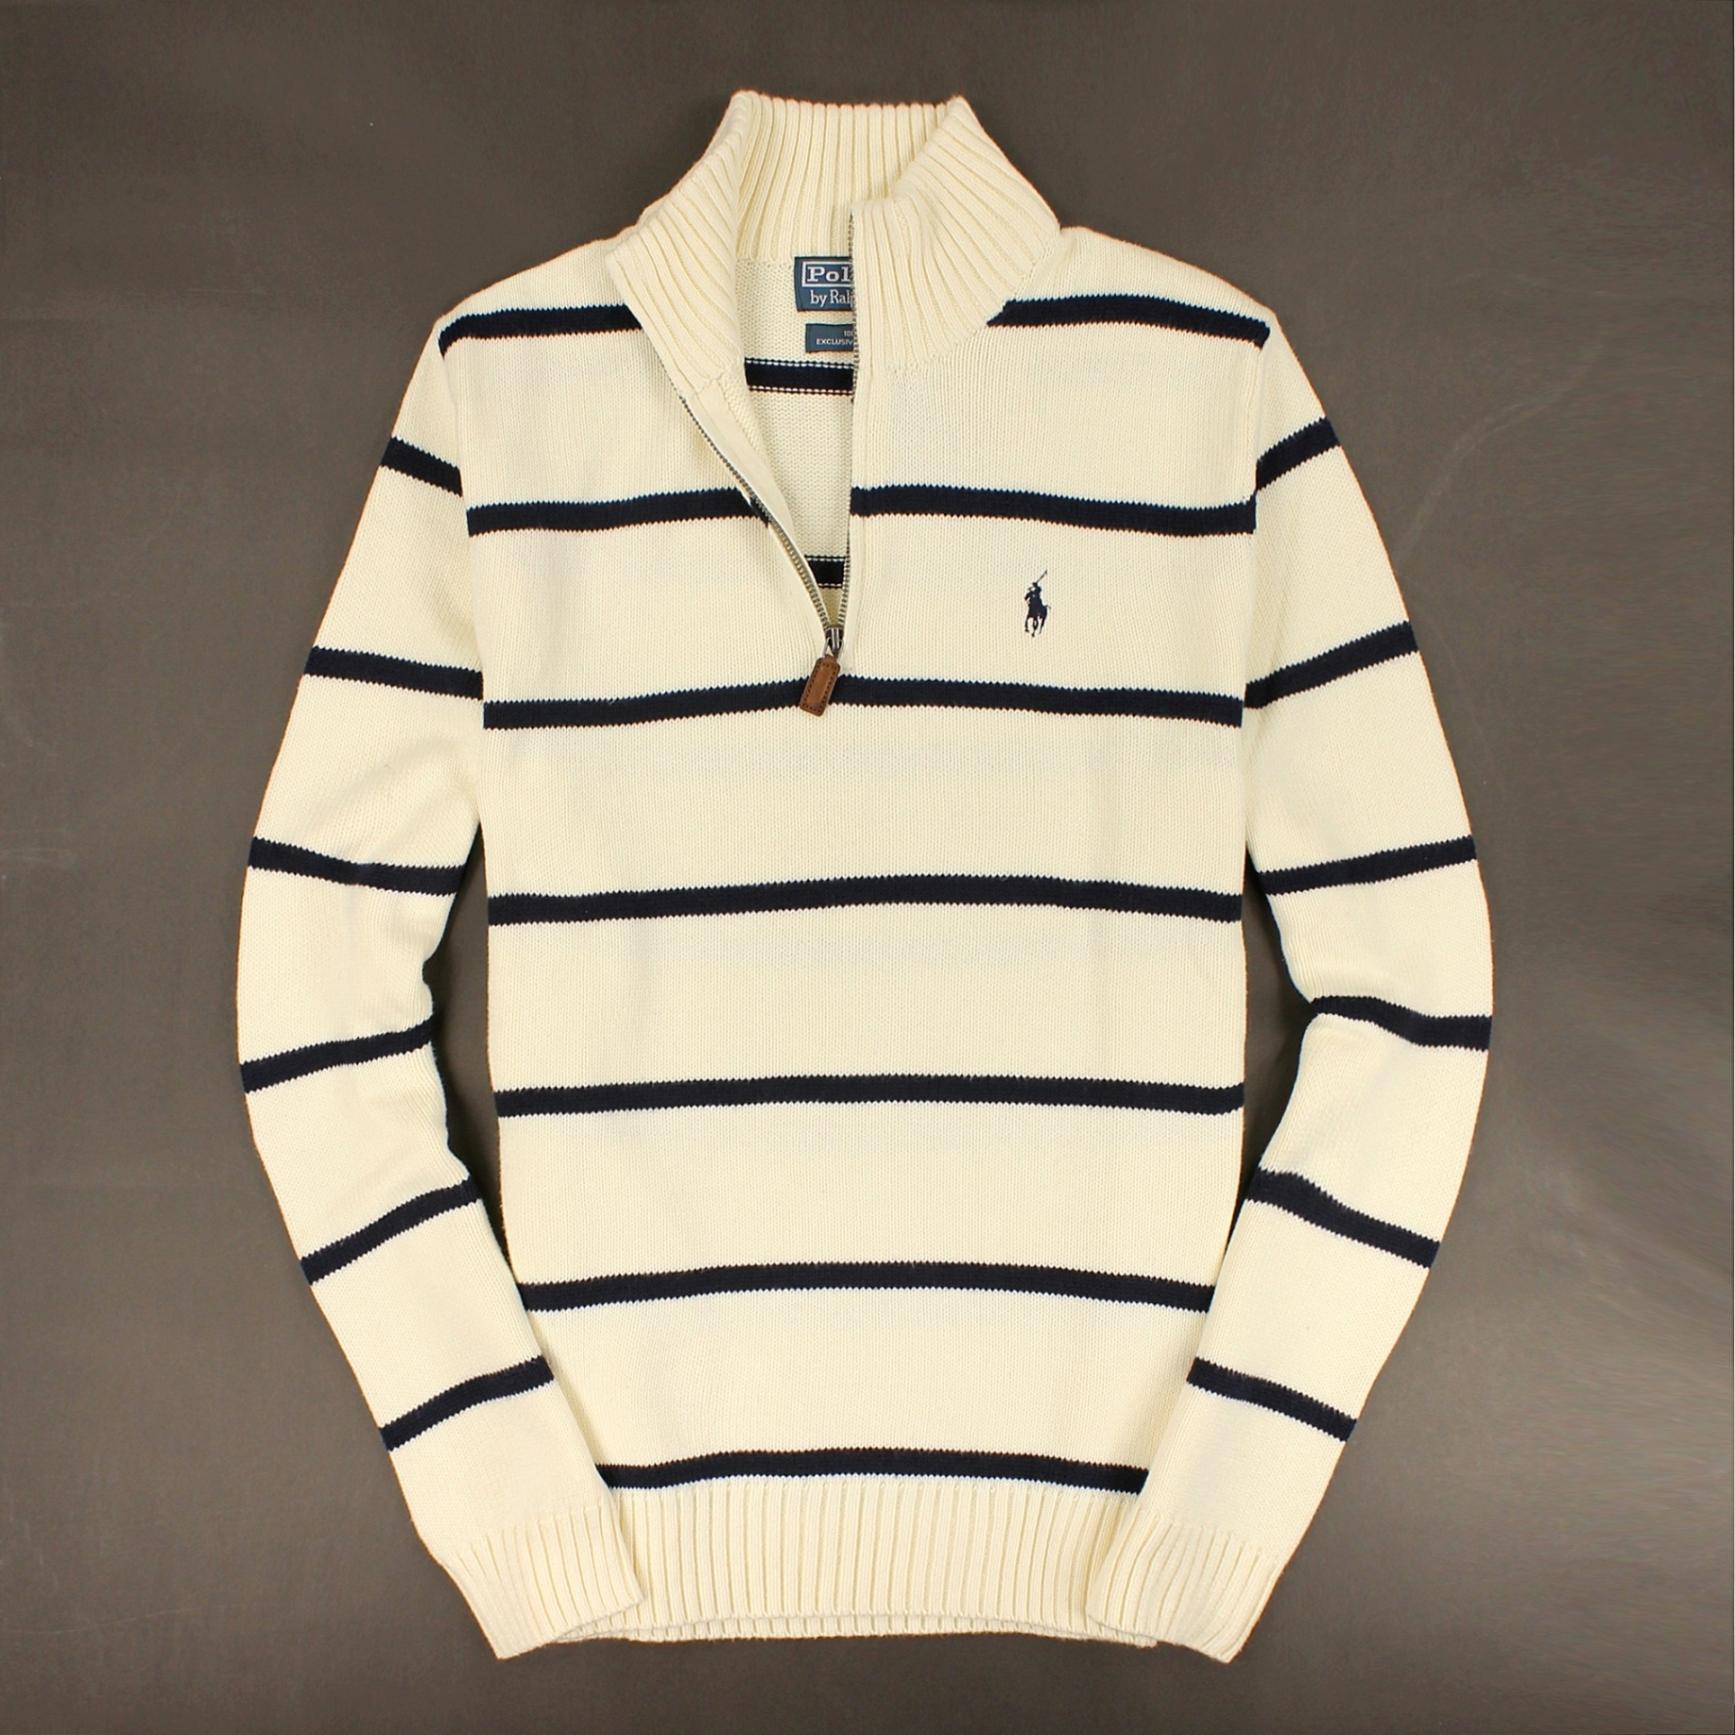 美國百分百【全新真品】Ralph Lauren 針織衫 RL 棉質毛衣 Polo 小馬 米白 條紋 半拉 皮革 男 S號 C002